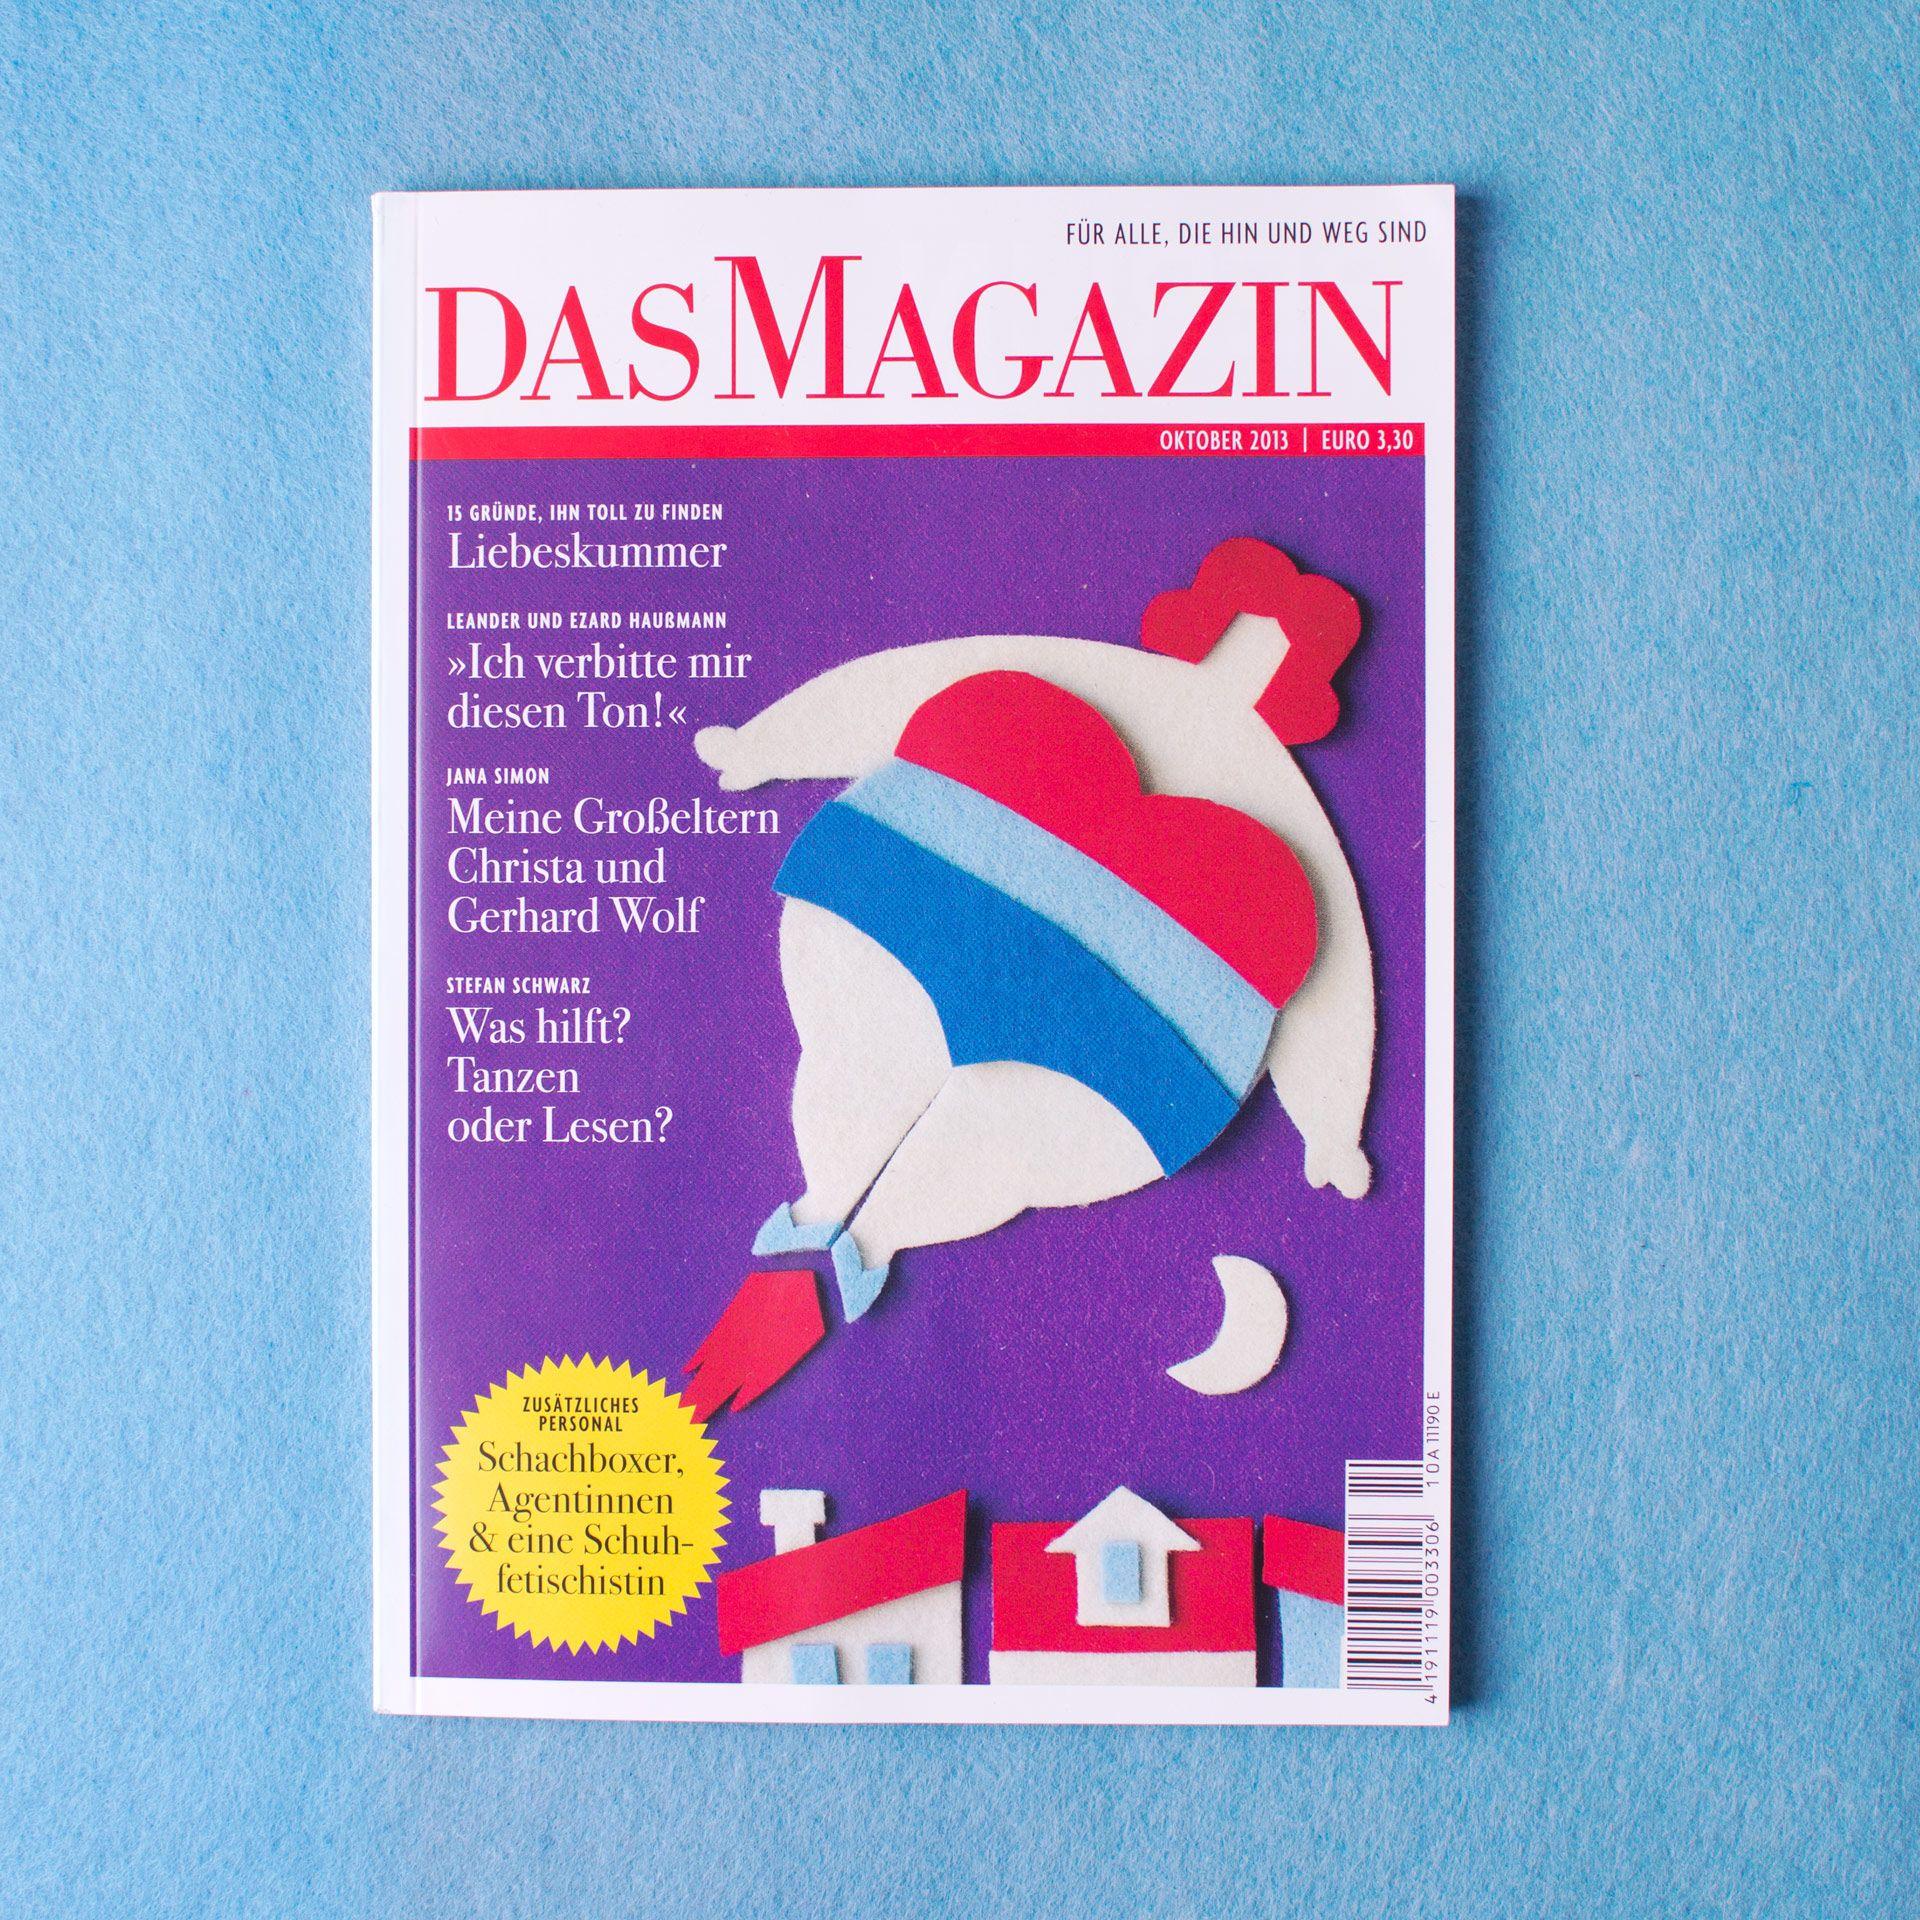 Das Magazin Cover